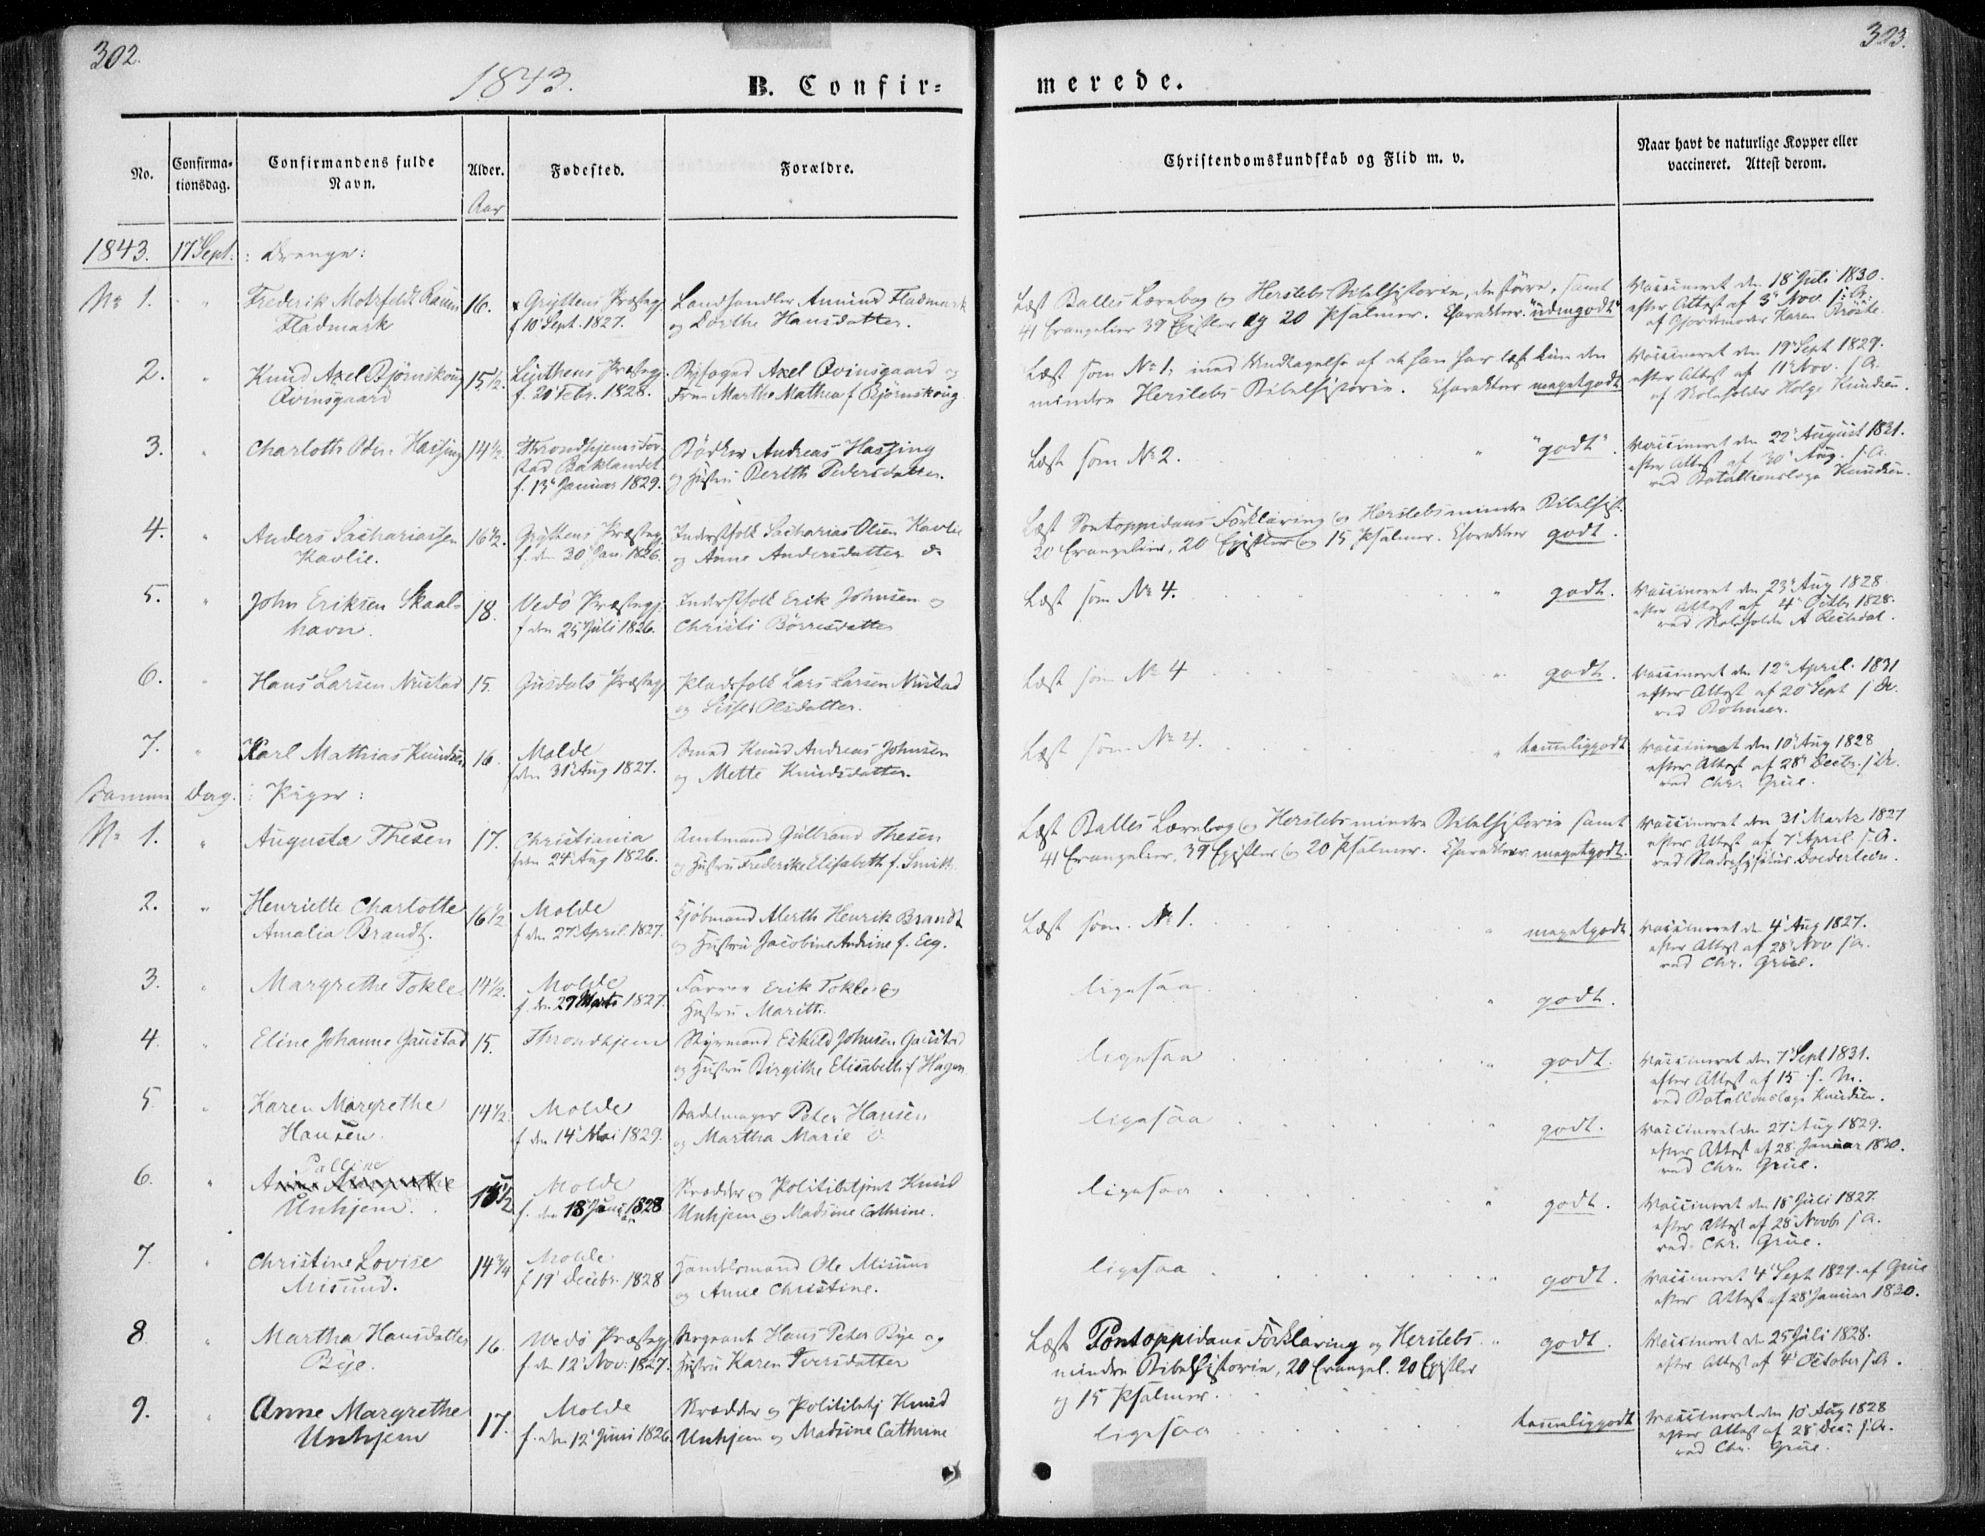 SAT, Ministerialprotokoller, klokkerbøker og fødselsregistre - Møre og Romsdal, 558/L0689: Parish register (official) no. 558A03, 1843-1872, p. 302-303